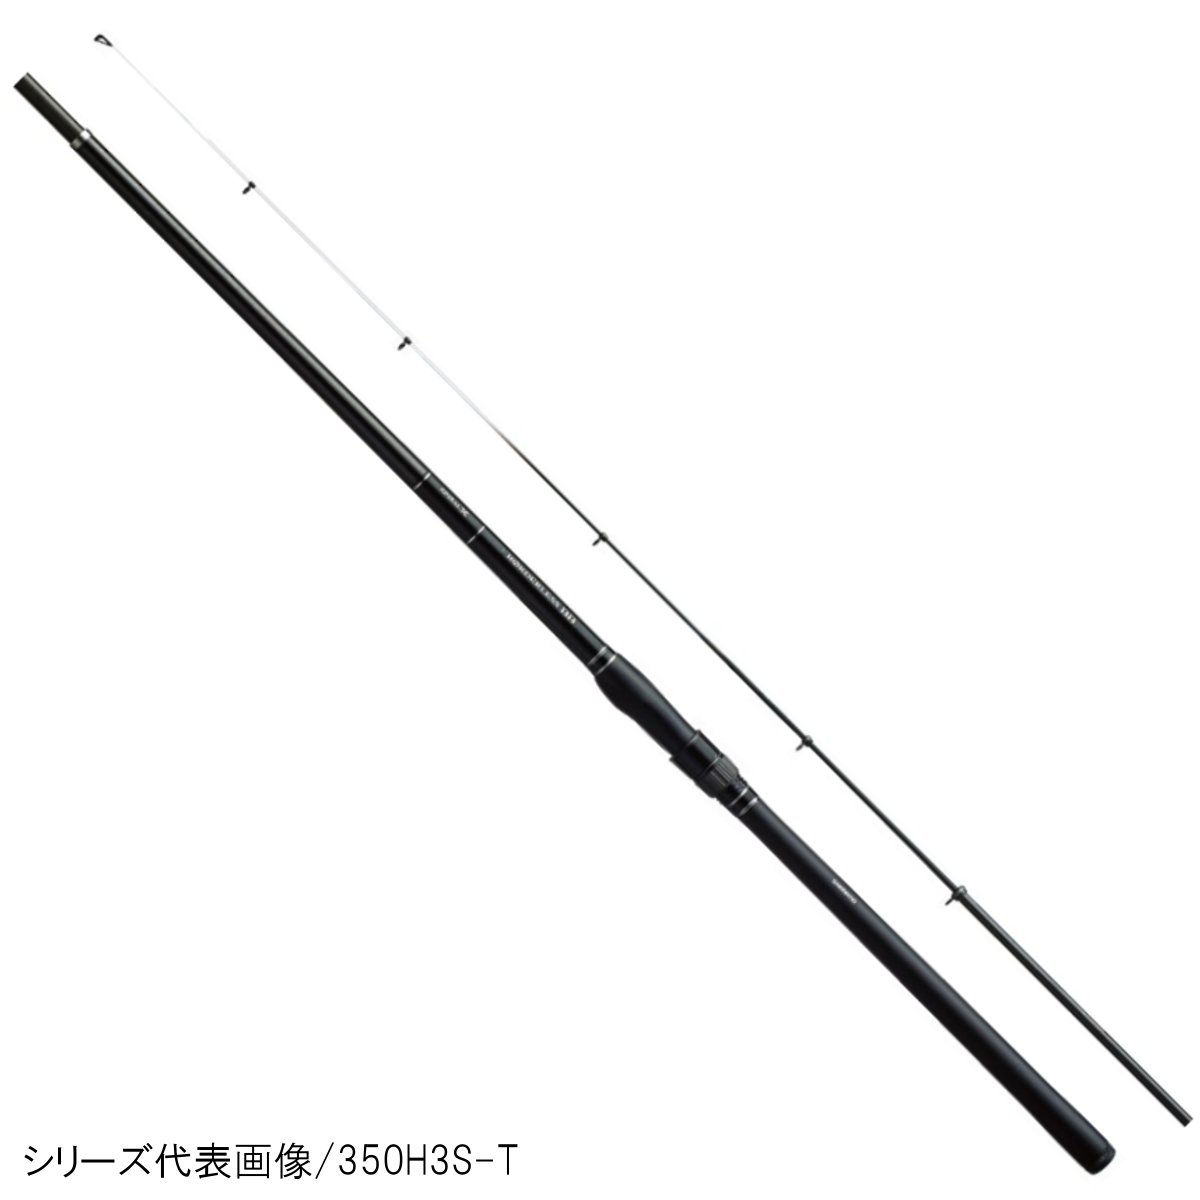 シマノ ボーダレスBB(パワー系ソリッドティップ仕様) 350H4S-T